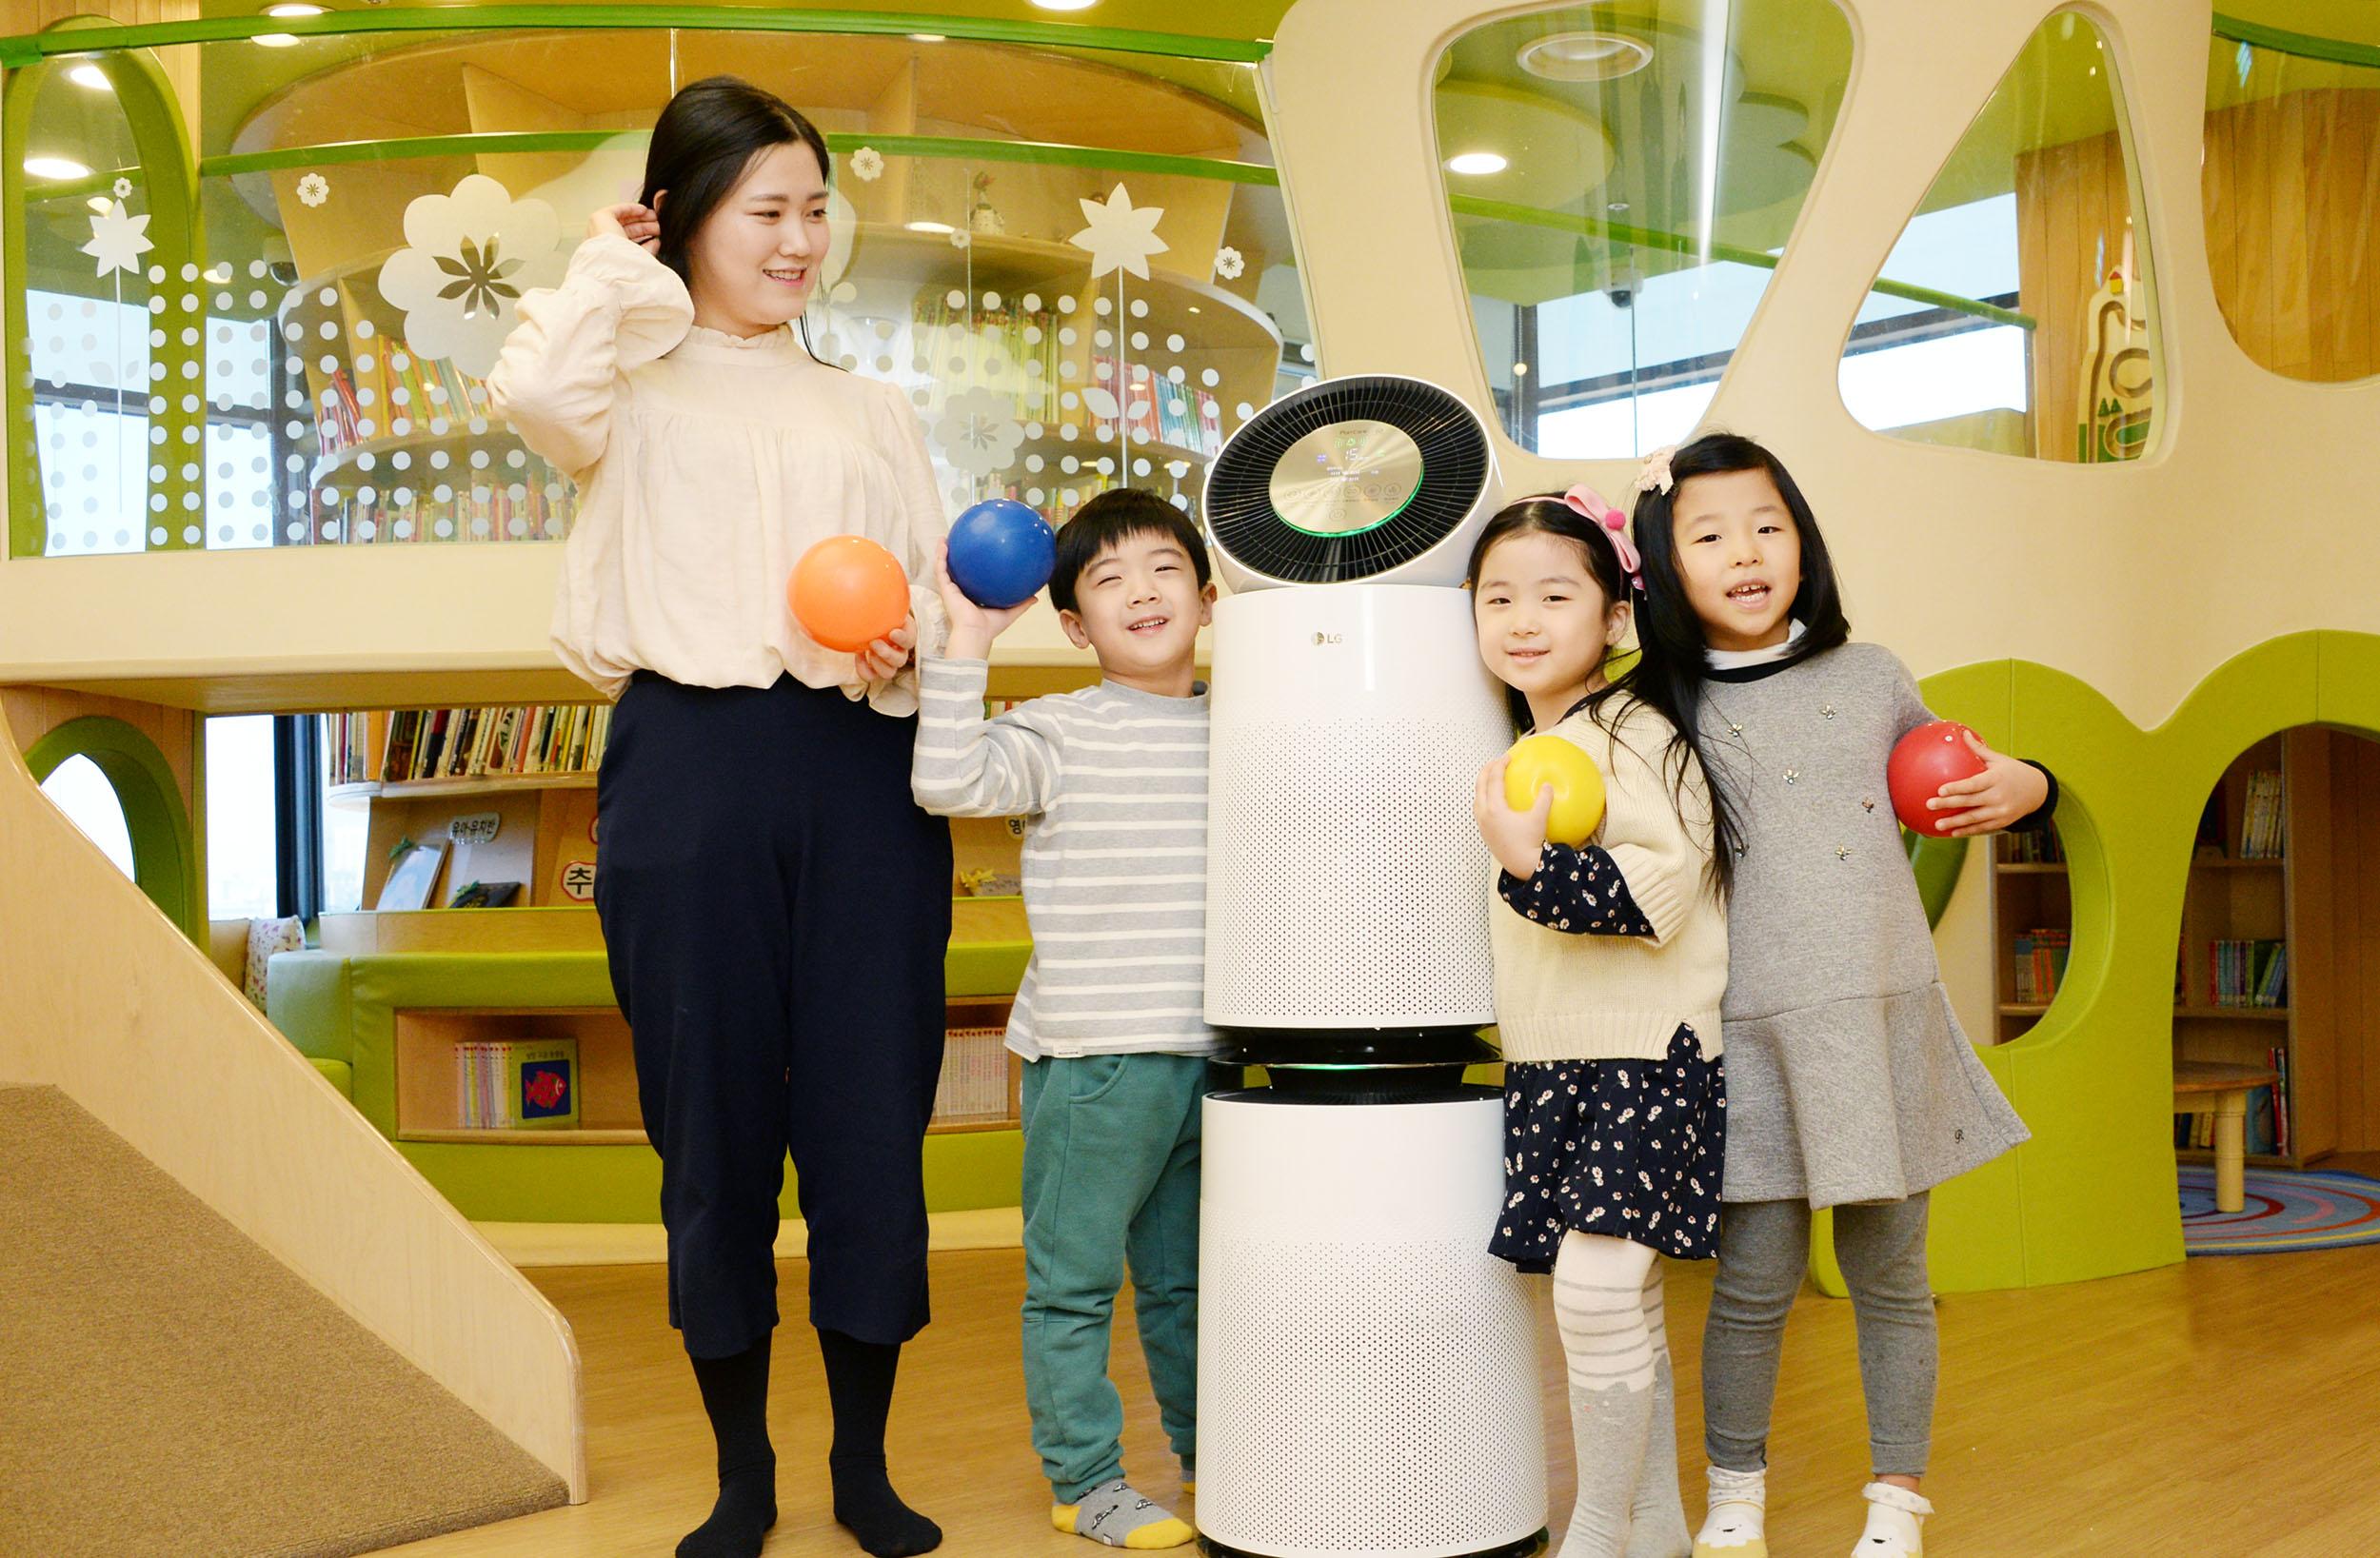 LG전자는 최근 넉 달간 서울시에 위치한 어린이집, 학원 등 800여 곳에 퓨리케어 360° 공기청정기를 공급하는 등 B2B 판매를 빠르게 확대하고 있다. 이 제품은 국내 시장에 판매되는 프리미엄 공기청정기 가운데 청정면적이 가장 넓어 공공장소에서 사용하기에도 적합하다. 사진은 퓨리케어 360° 공기청정기를 설치한 서울시 소재 어린이집에서 아이들이 활동하는 모습.